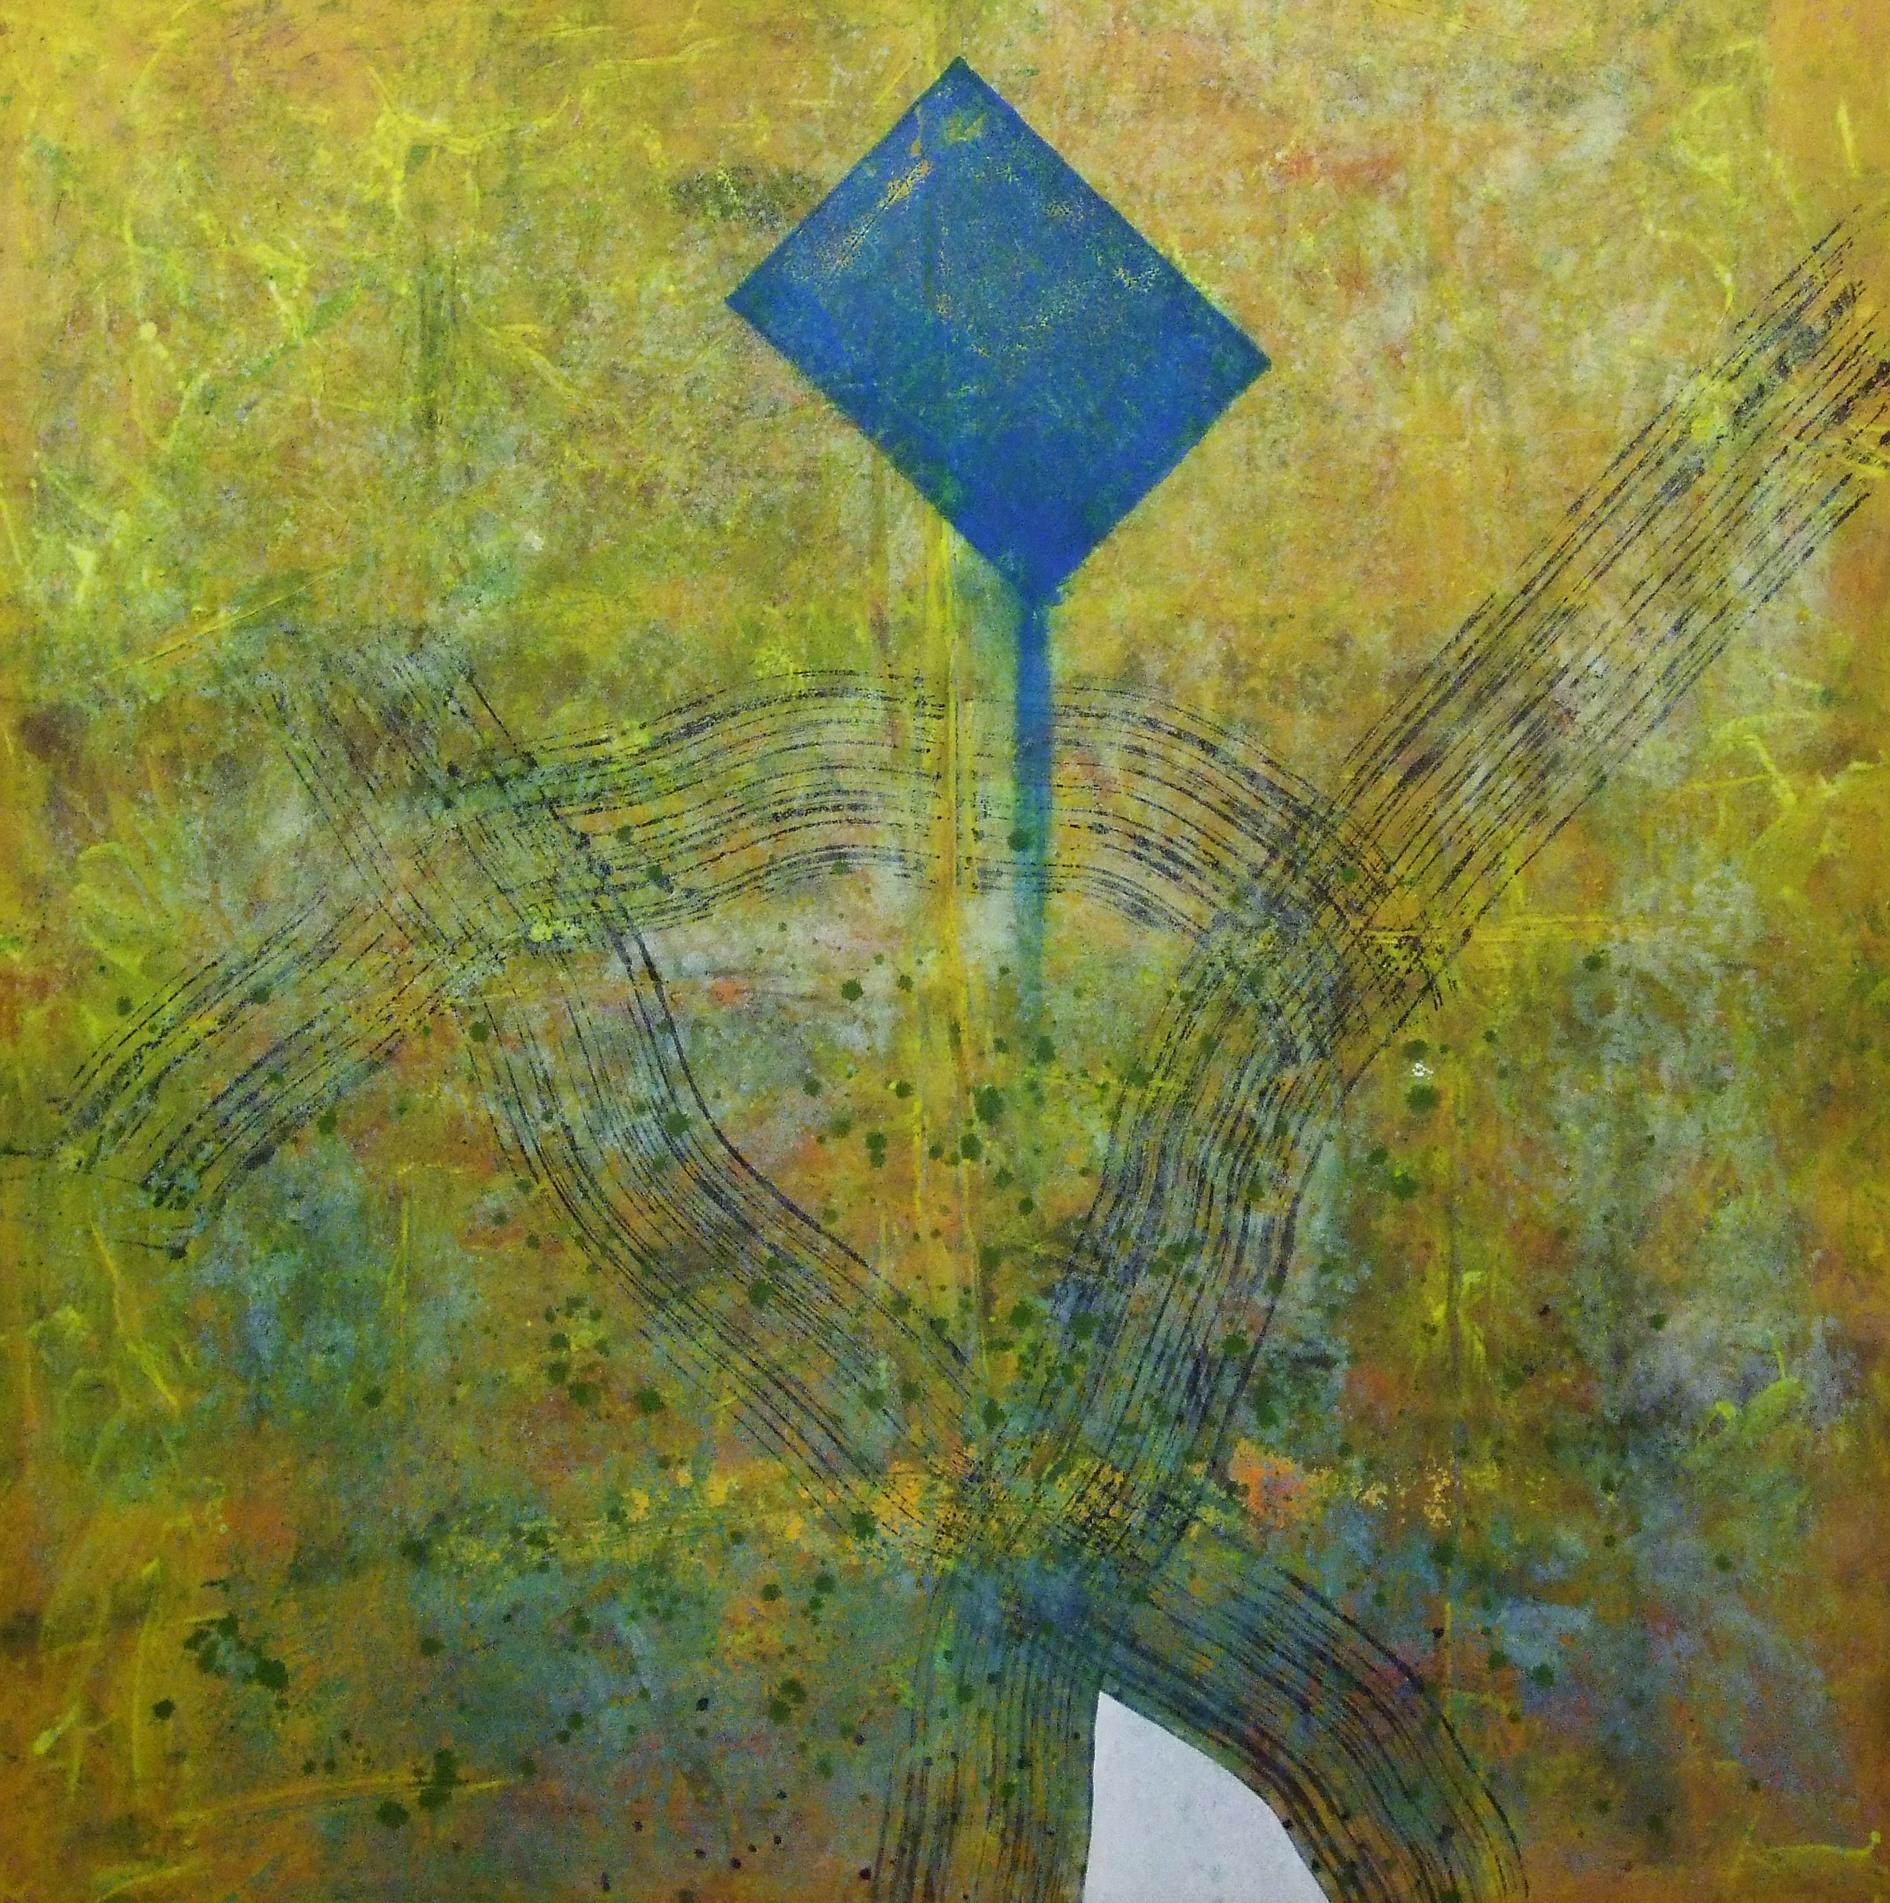 Sense títol,  pintura sobre tela, 150 x 155 centímetres, 2009